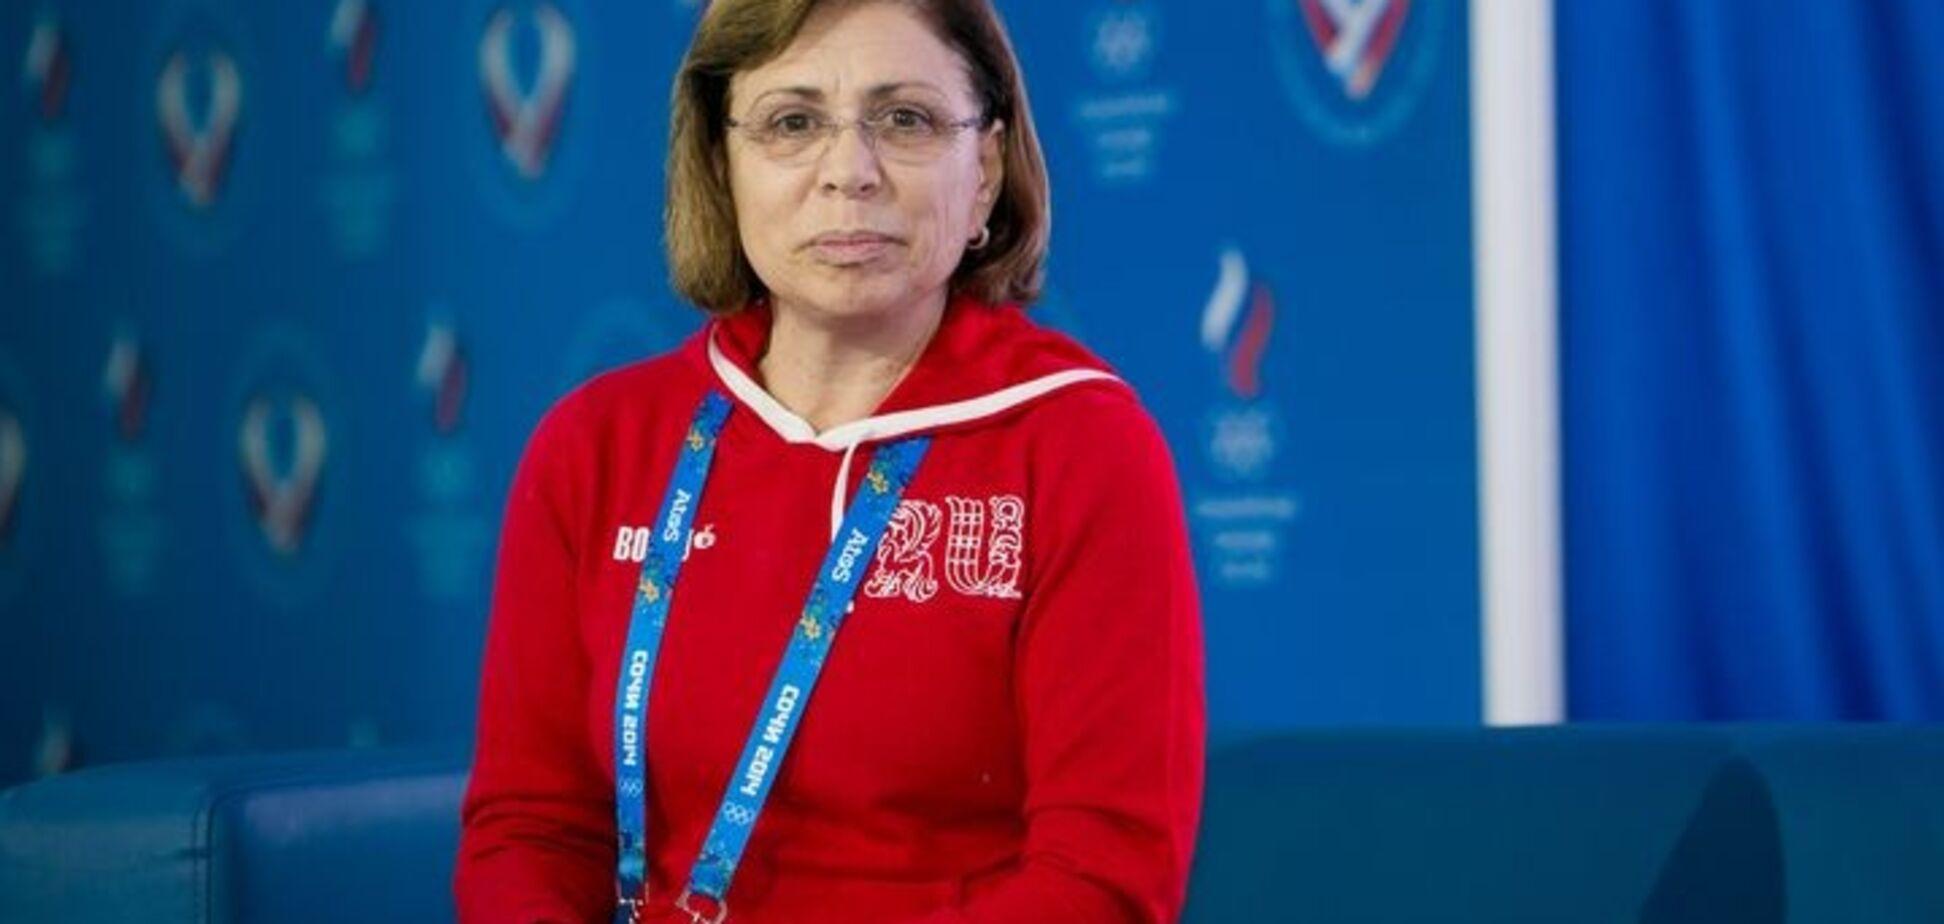 В базу 'Миротворца' попала легендарная олимпийская чемпионка